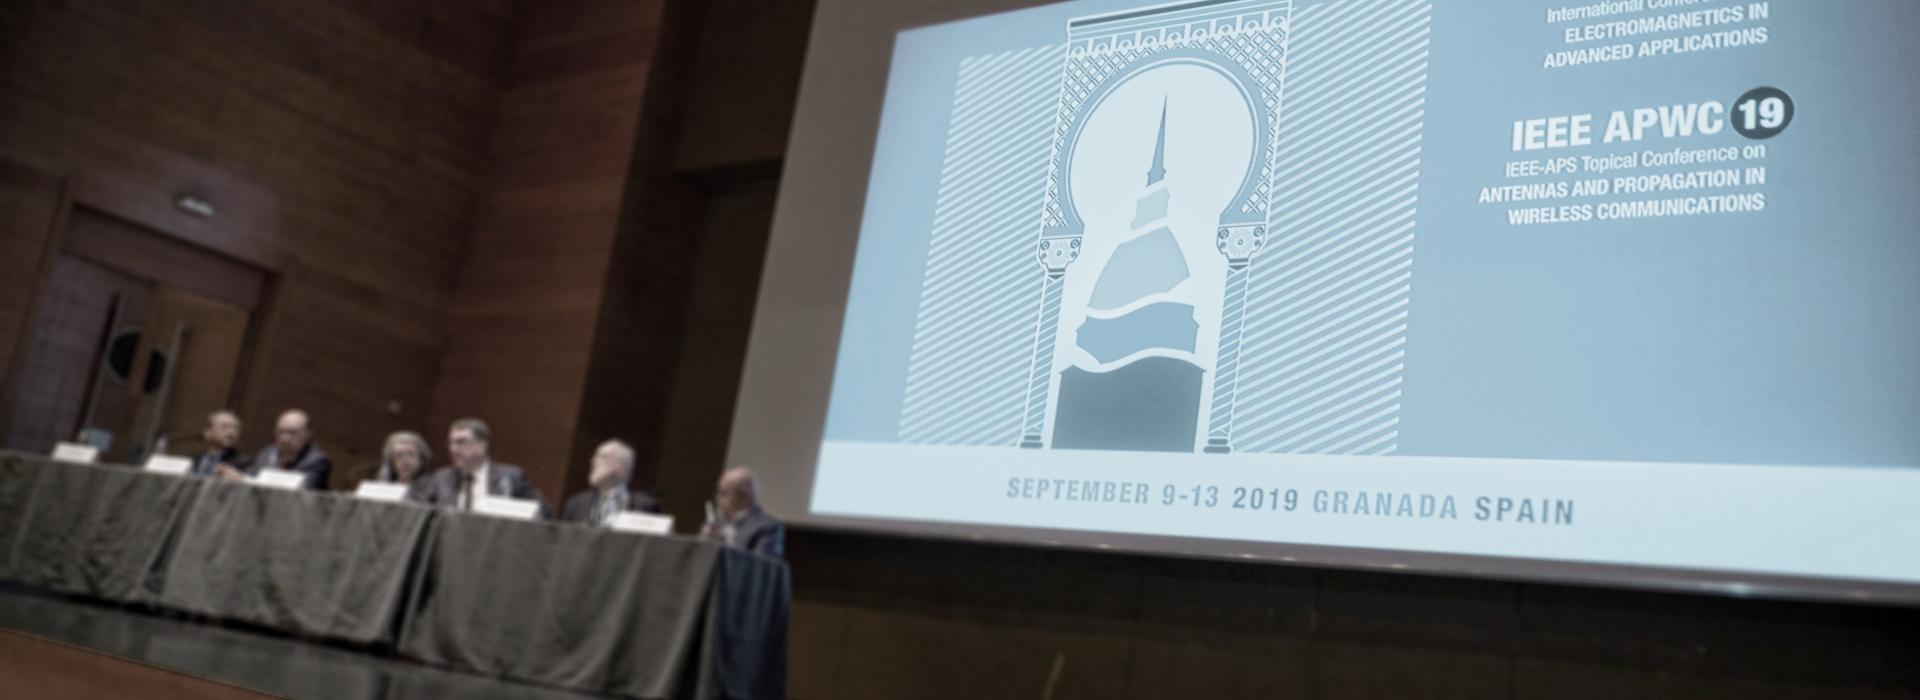 Slide Eventi, congressi <br>  e meeting <br> internazionali